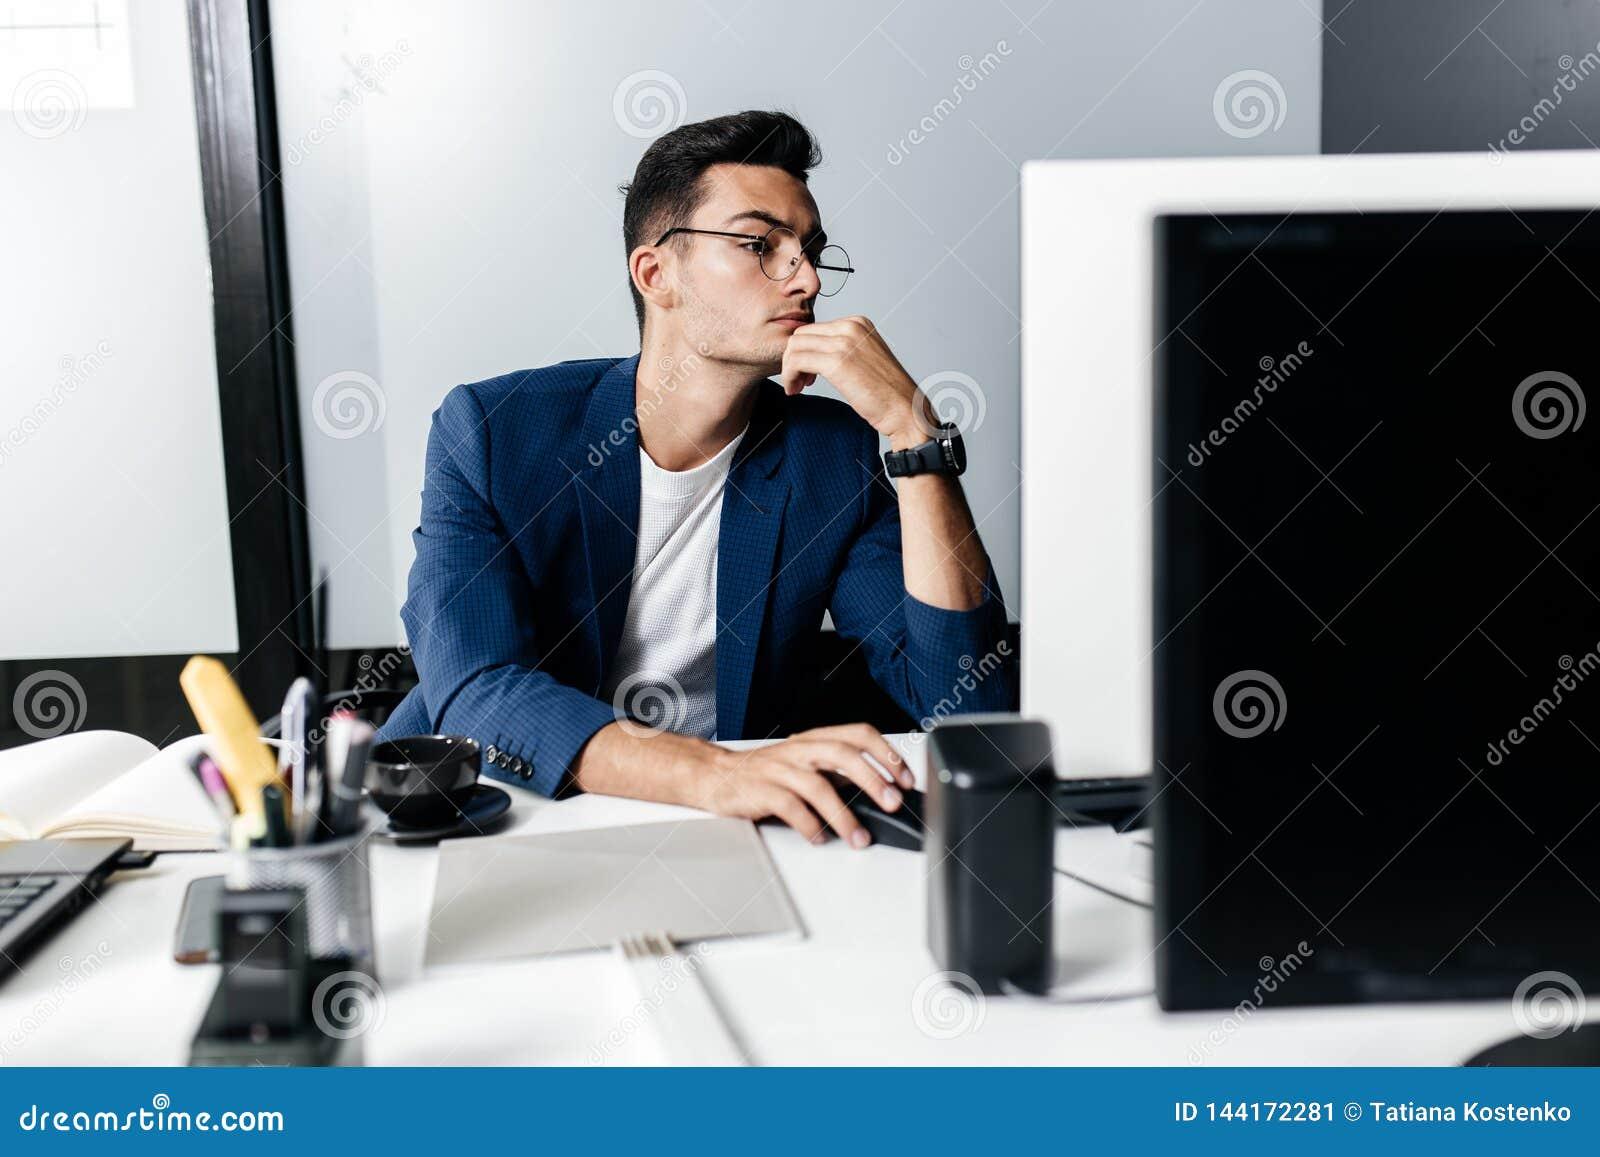 De jonge mensenarchitect in glazen gekleed in een pak zit bij een bureau voor een computer in het bureau